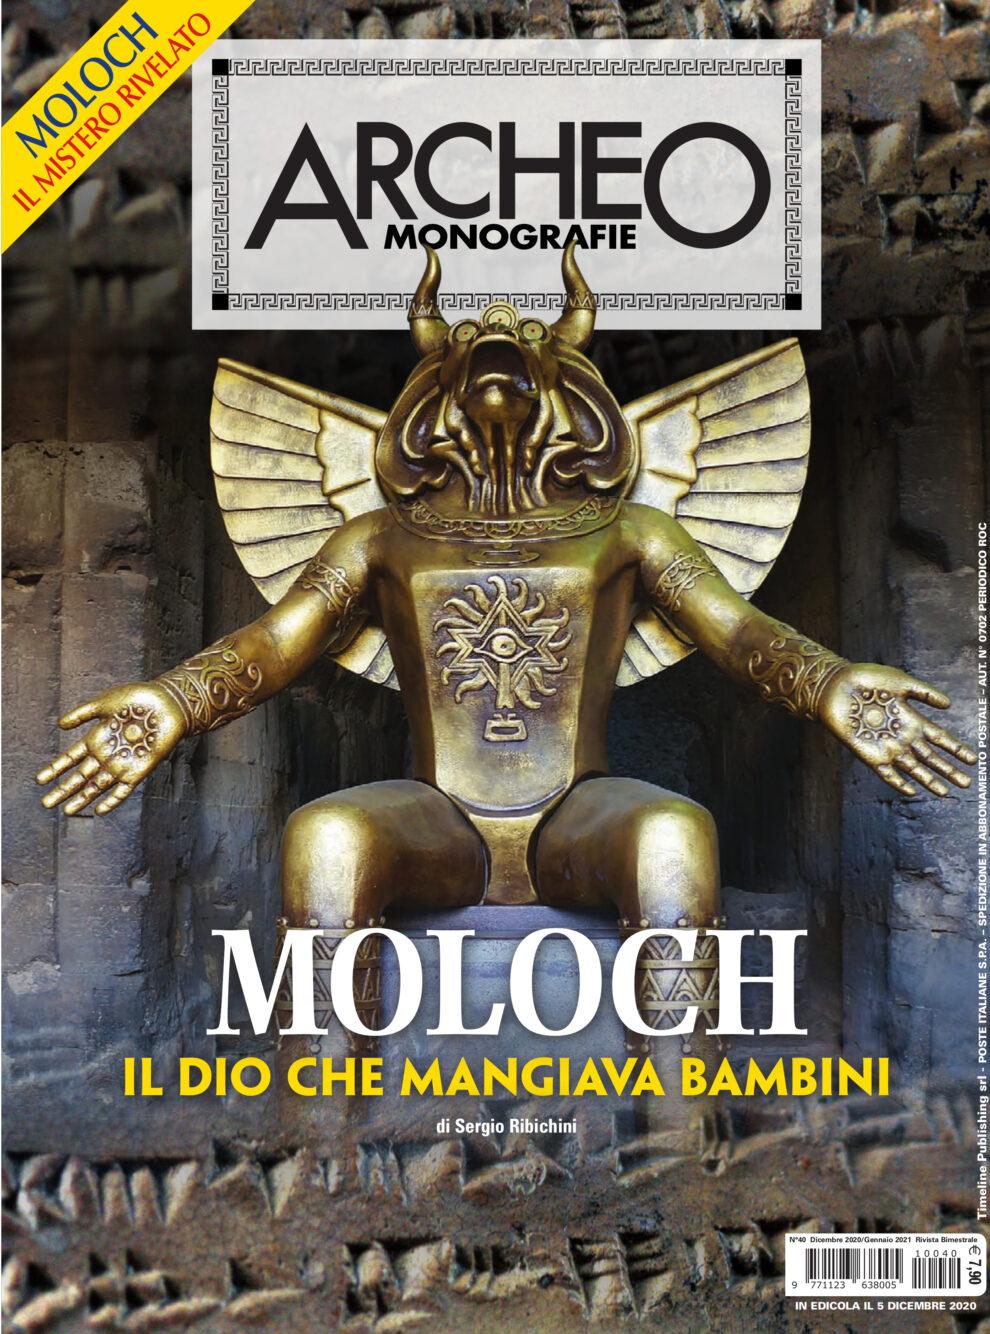 Copertina di Archeo Monografie, n. 40 Dicembre 2020/Gennaio 2021